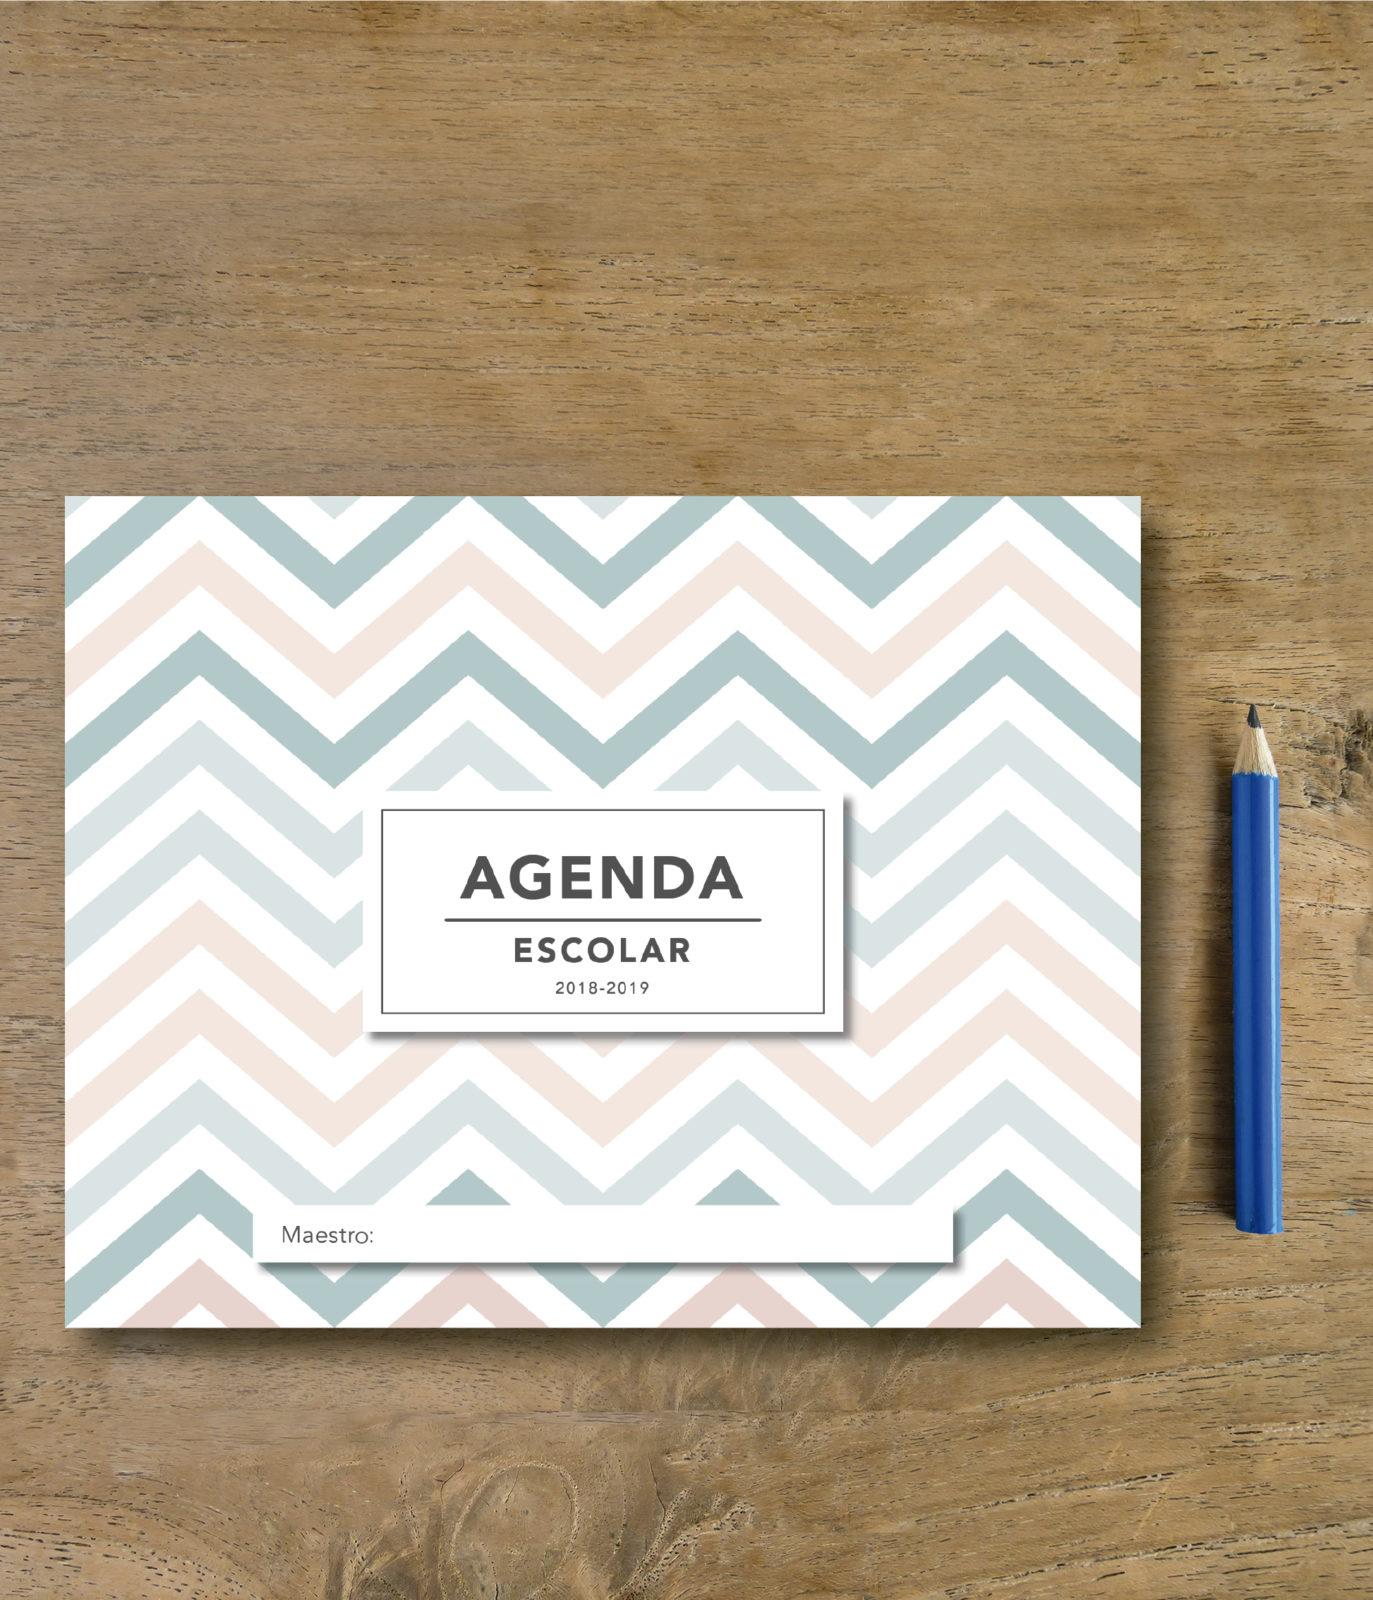 Agenda Escolar 2018-2019